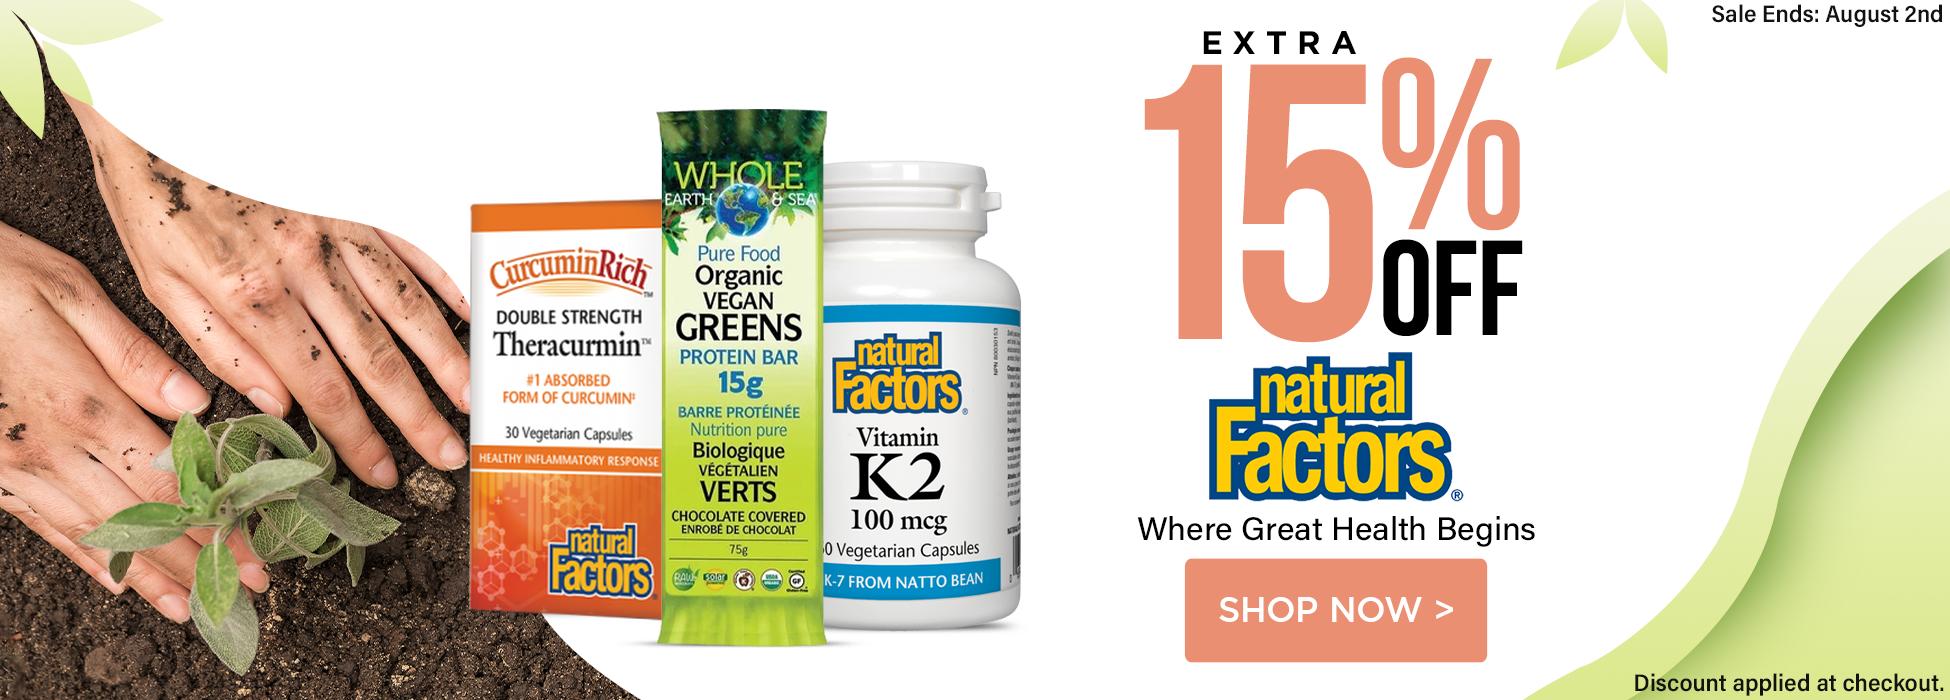 natural factors supplements sale